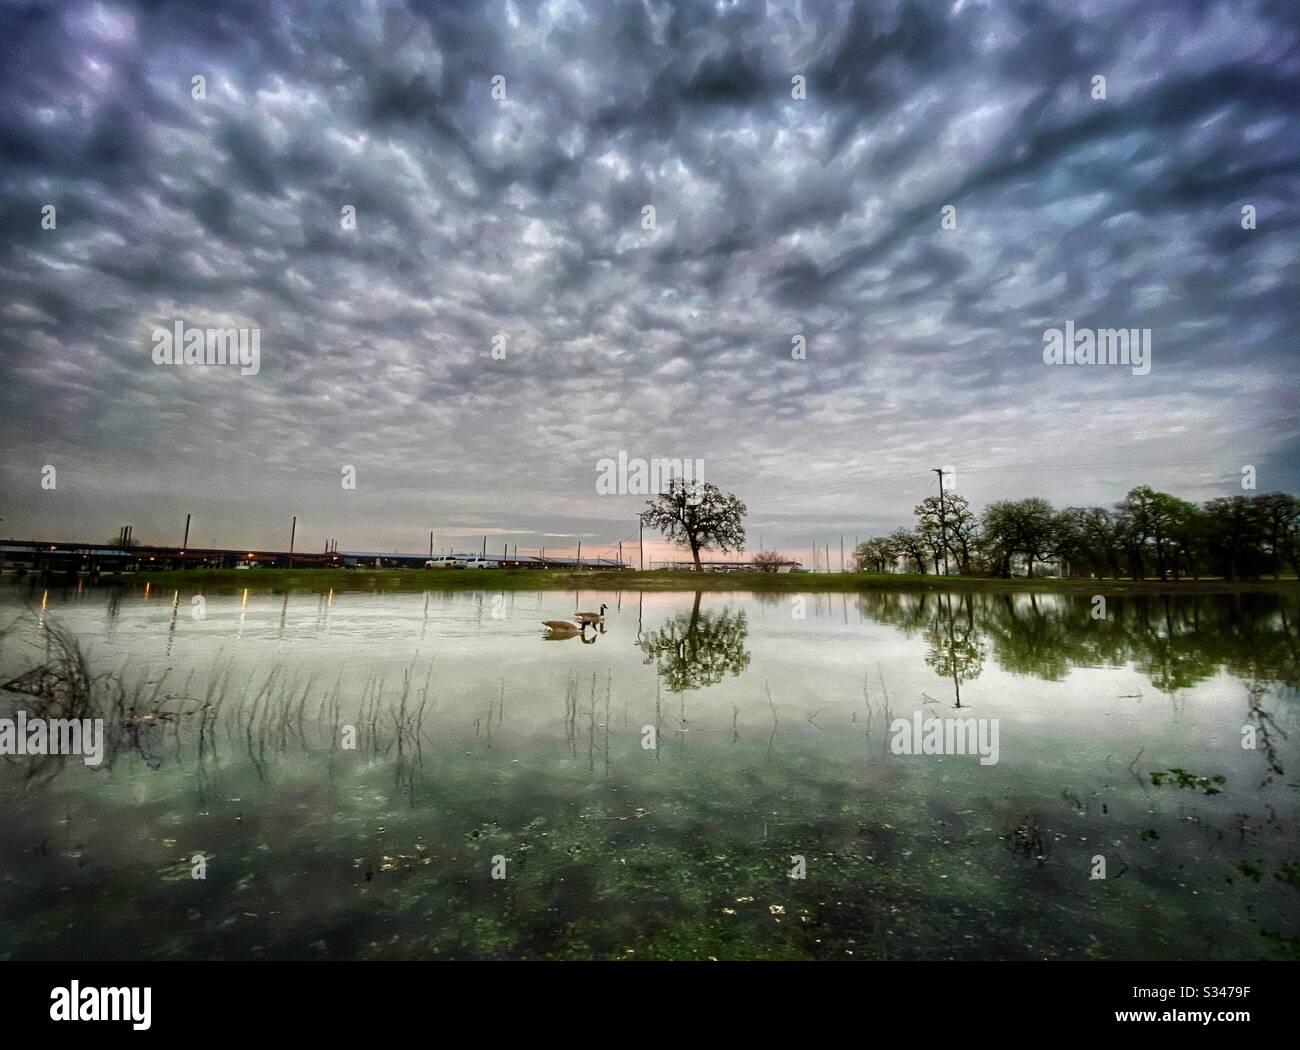 Lokale Wanderung am Jachthafen bei Sonnenuntergang, bei der die Gänse in den ruhigen Gewässern beobachtet werden, mit schön flauschigen Wolken über dem Kopf. Stockfoto